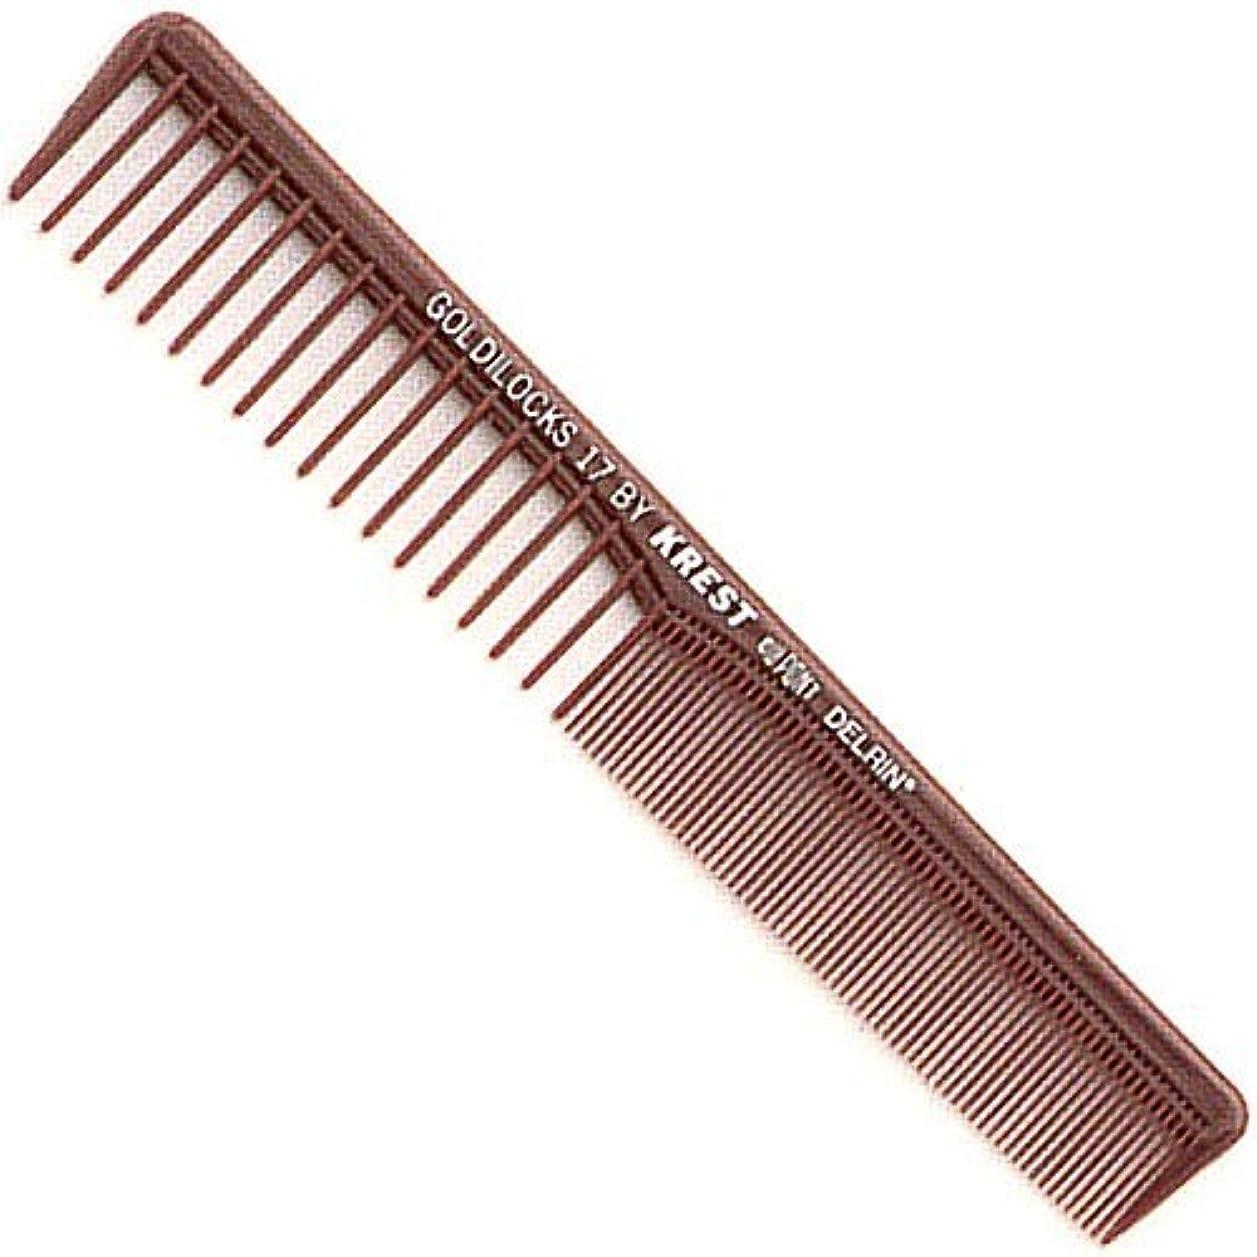 ペストリー優れたくすぐったいKrest Combs Goldilocks Space Tooth Fine Tooth Styler Comb 7